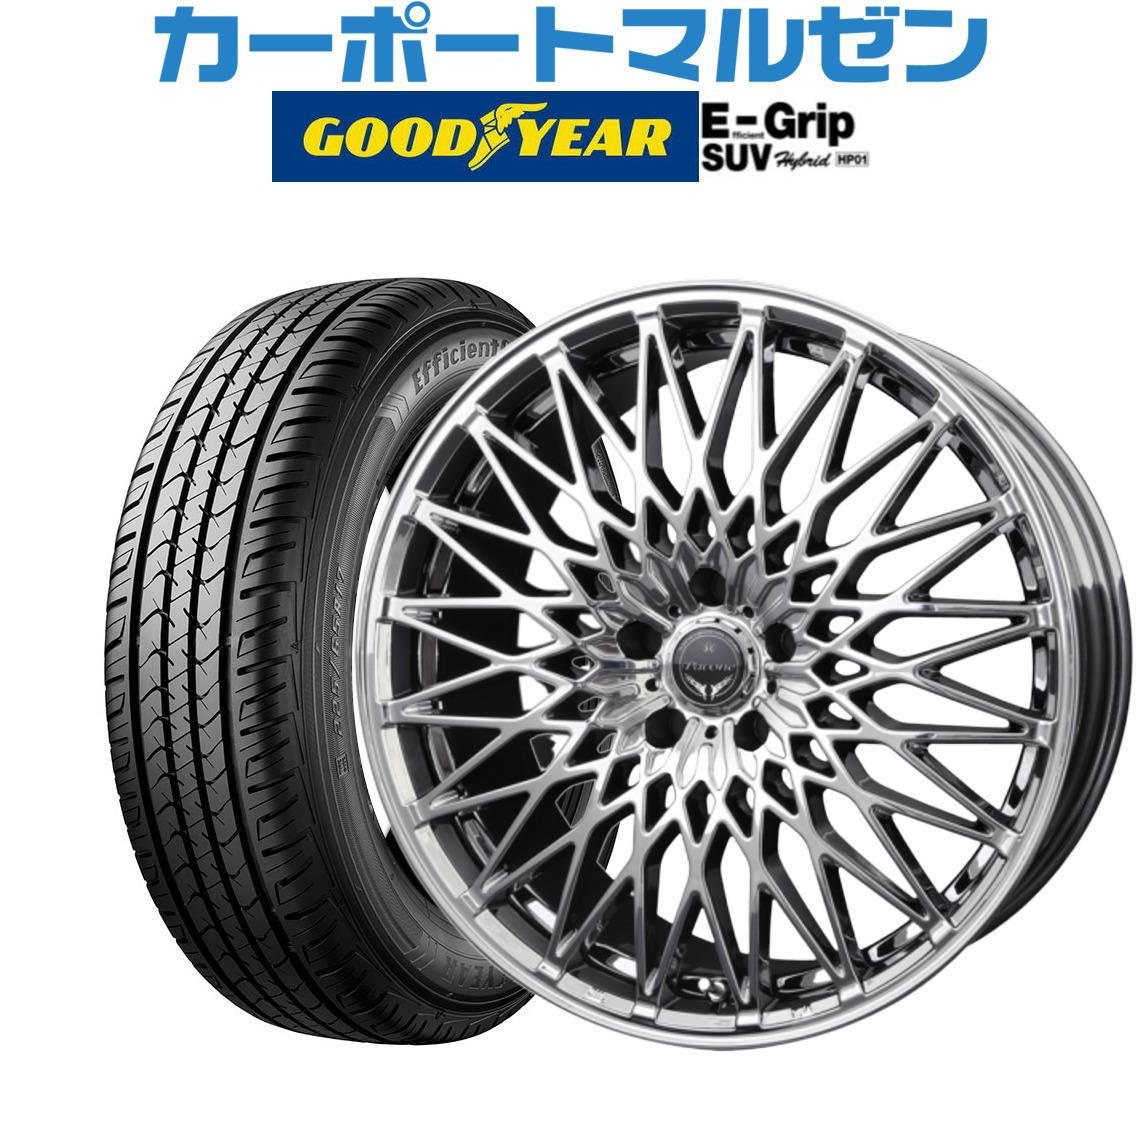 安いそれに目立つ 新品・送料無料・4本セットBADX ロクサーニ 8.5Jグッドイヤー パヴォーネSMC20インチ 8.5Jグッドイヤー エフィシエント SUV ロクサーニ グリップ SUV HP01235/55R20 102V, サイクルベースあさひ:d8c5a5ad --- easassoinfo.bsagroup.fr